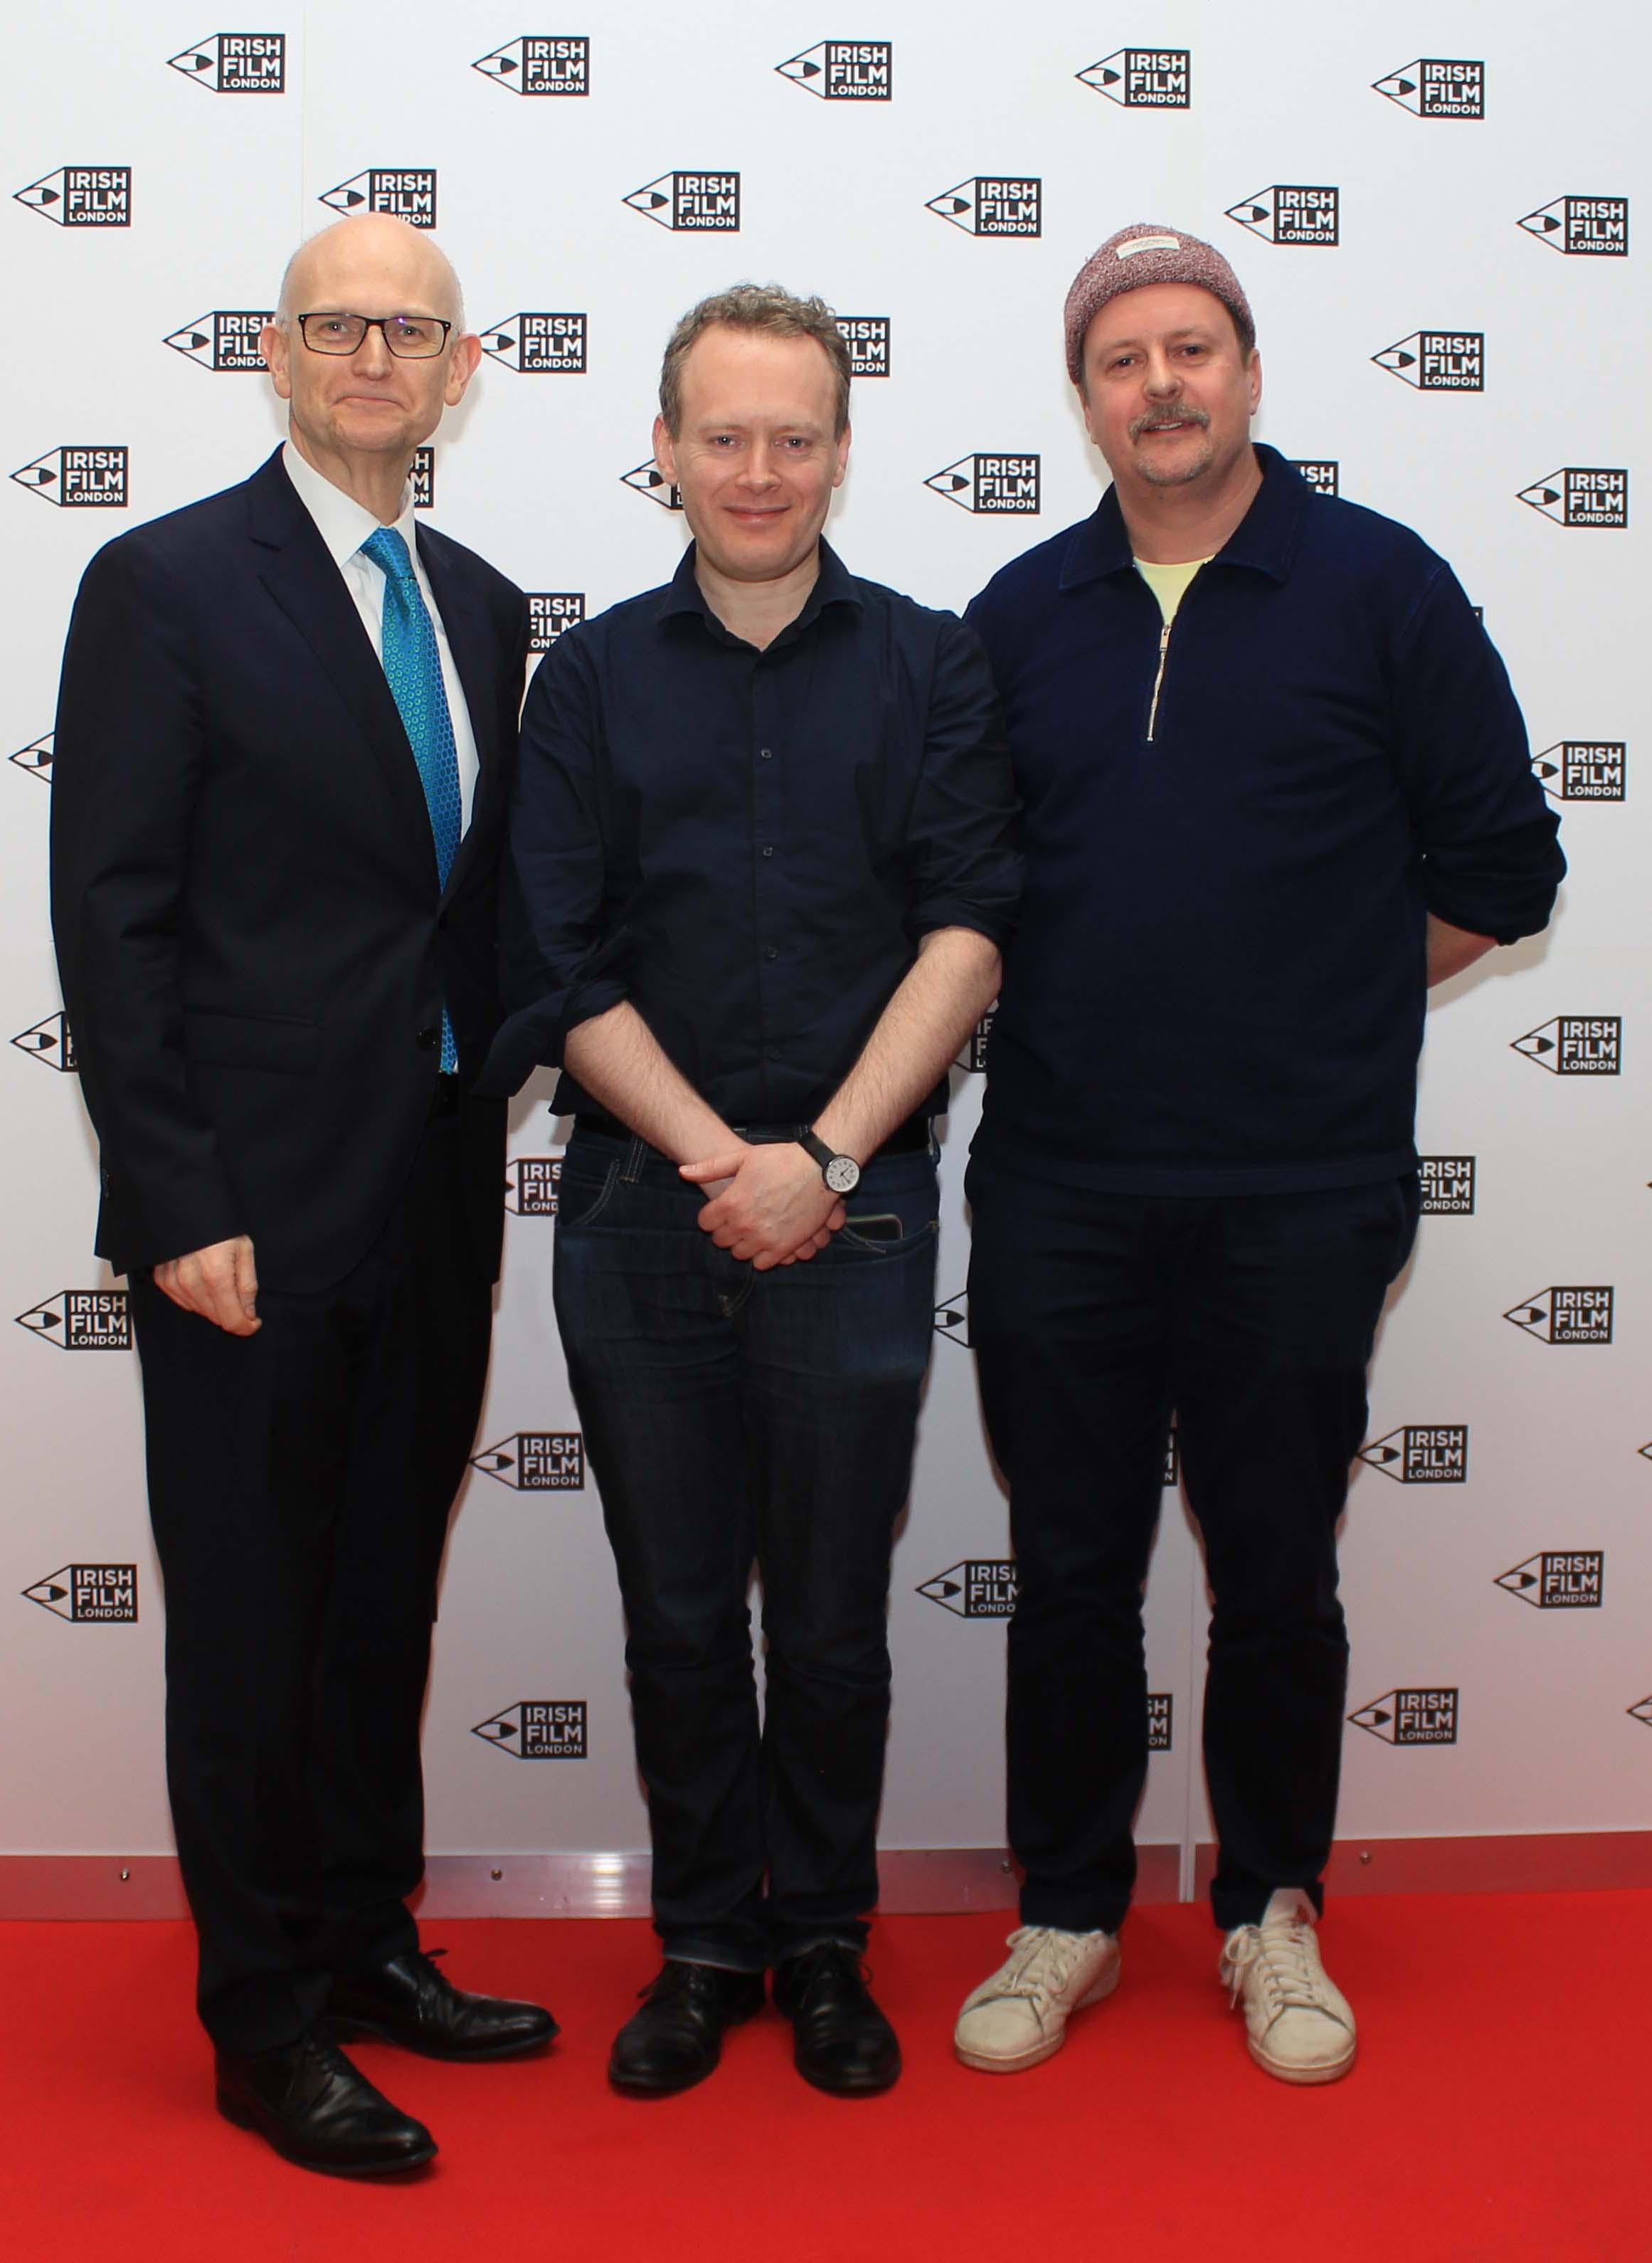 Irish Film London - Mark McNulty, Matthew Todd and John Butler